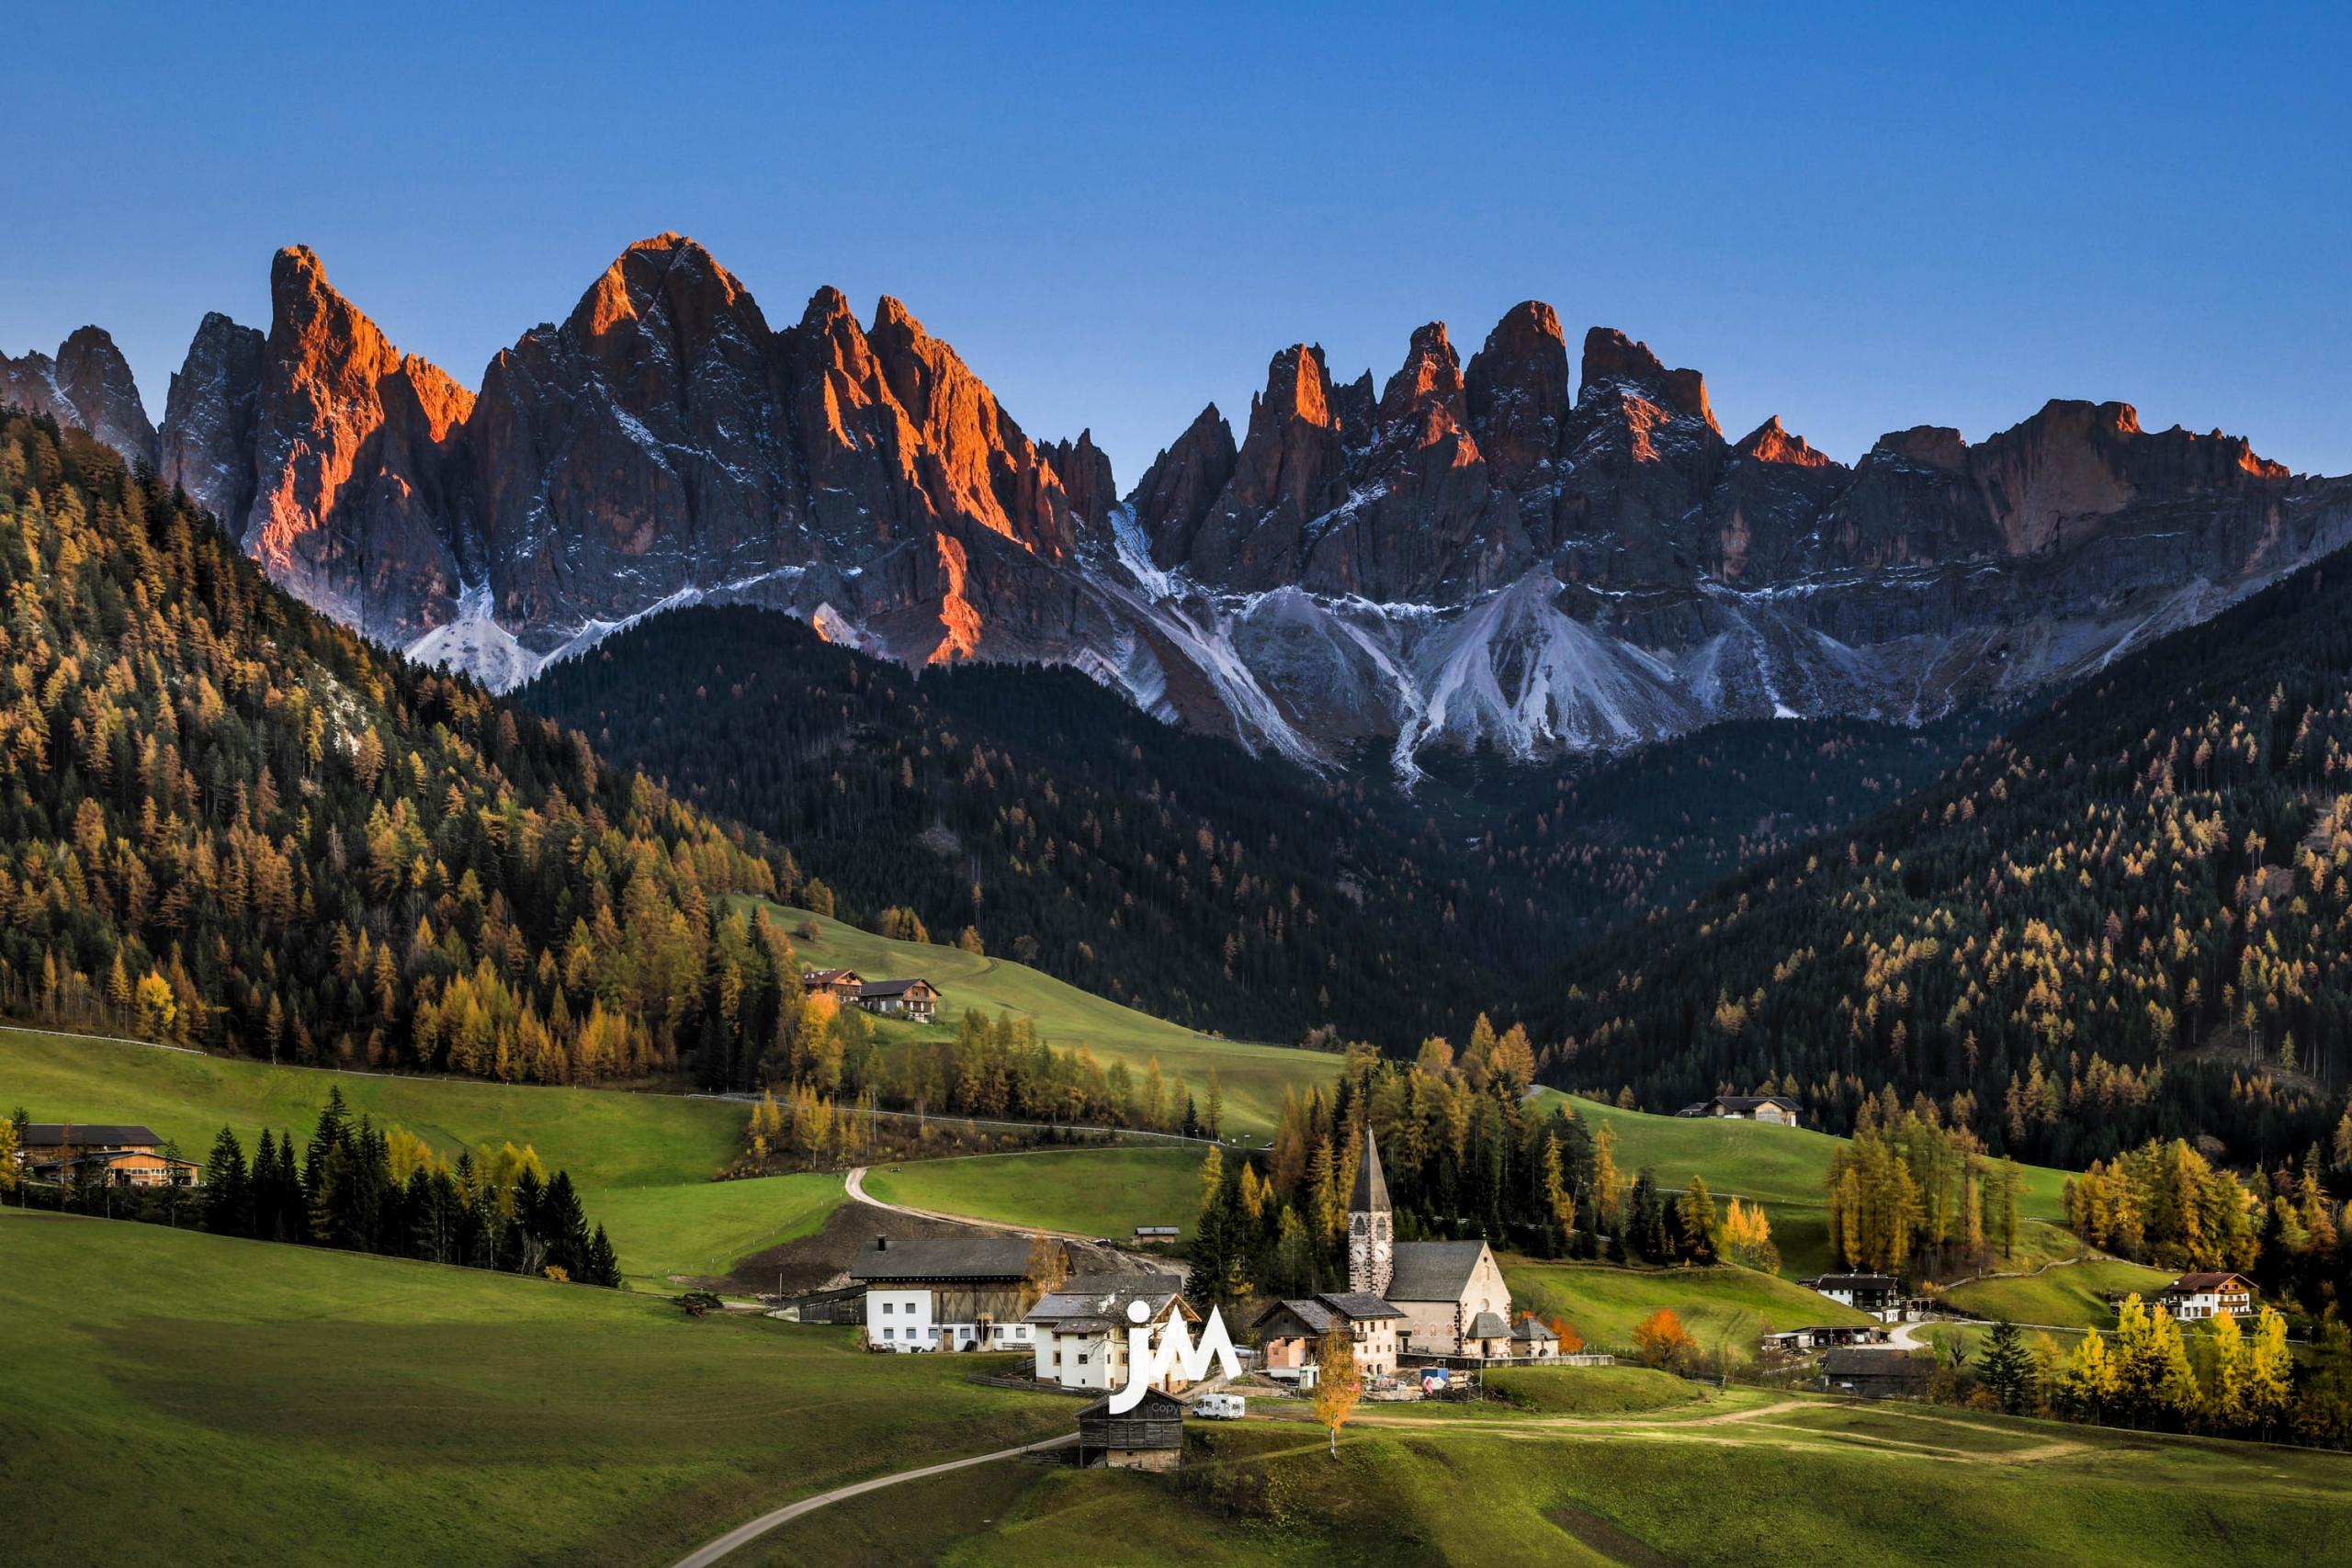 Italy, Dolomites Autumn Landscape